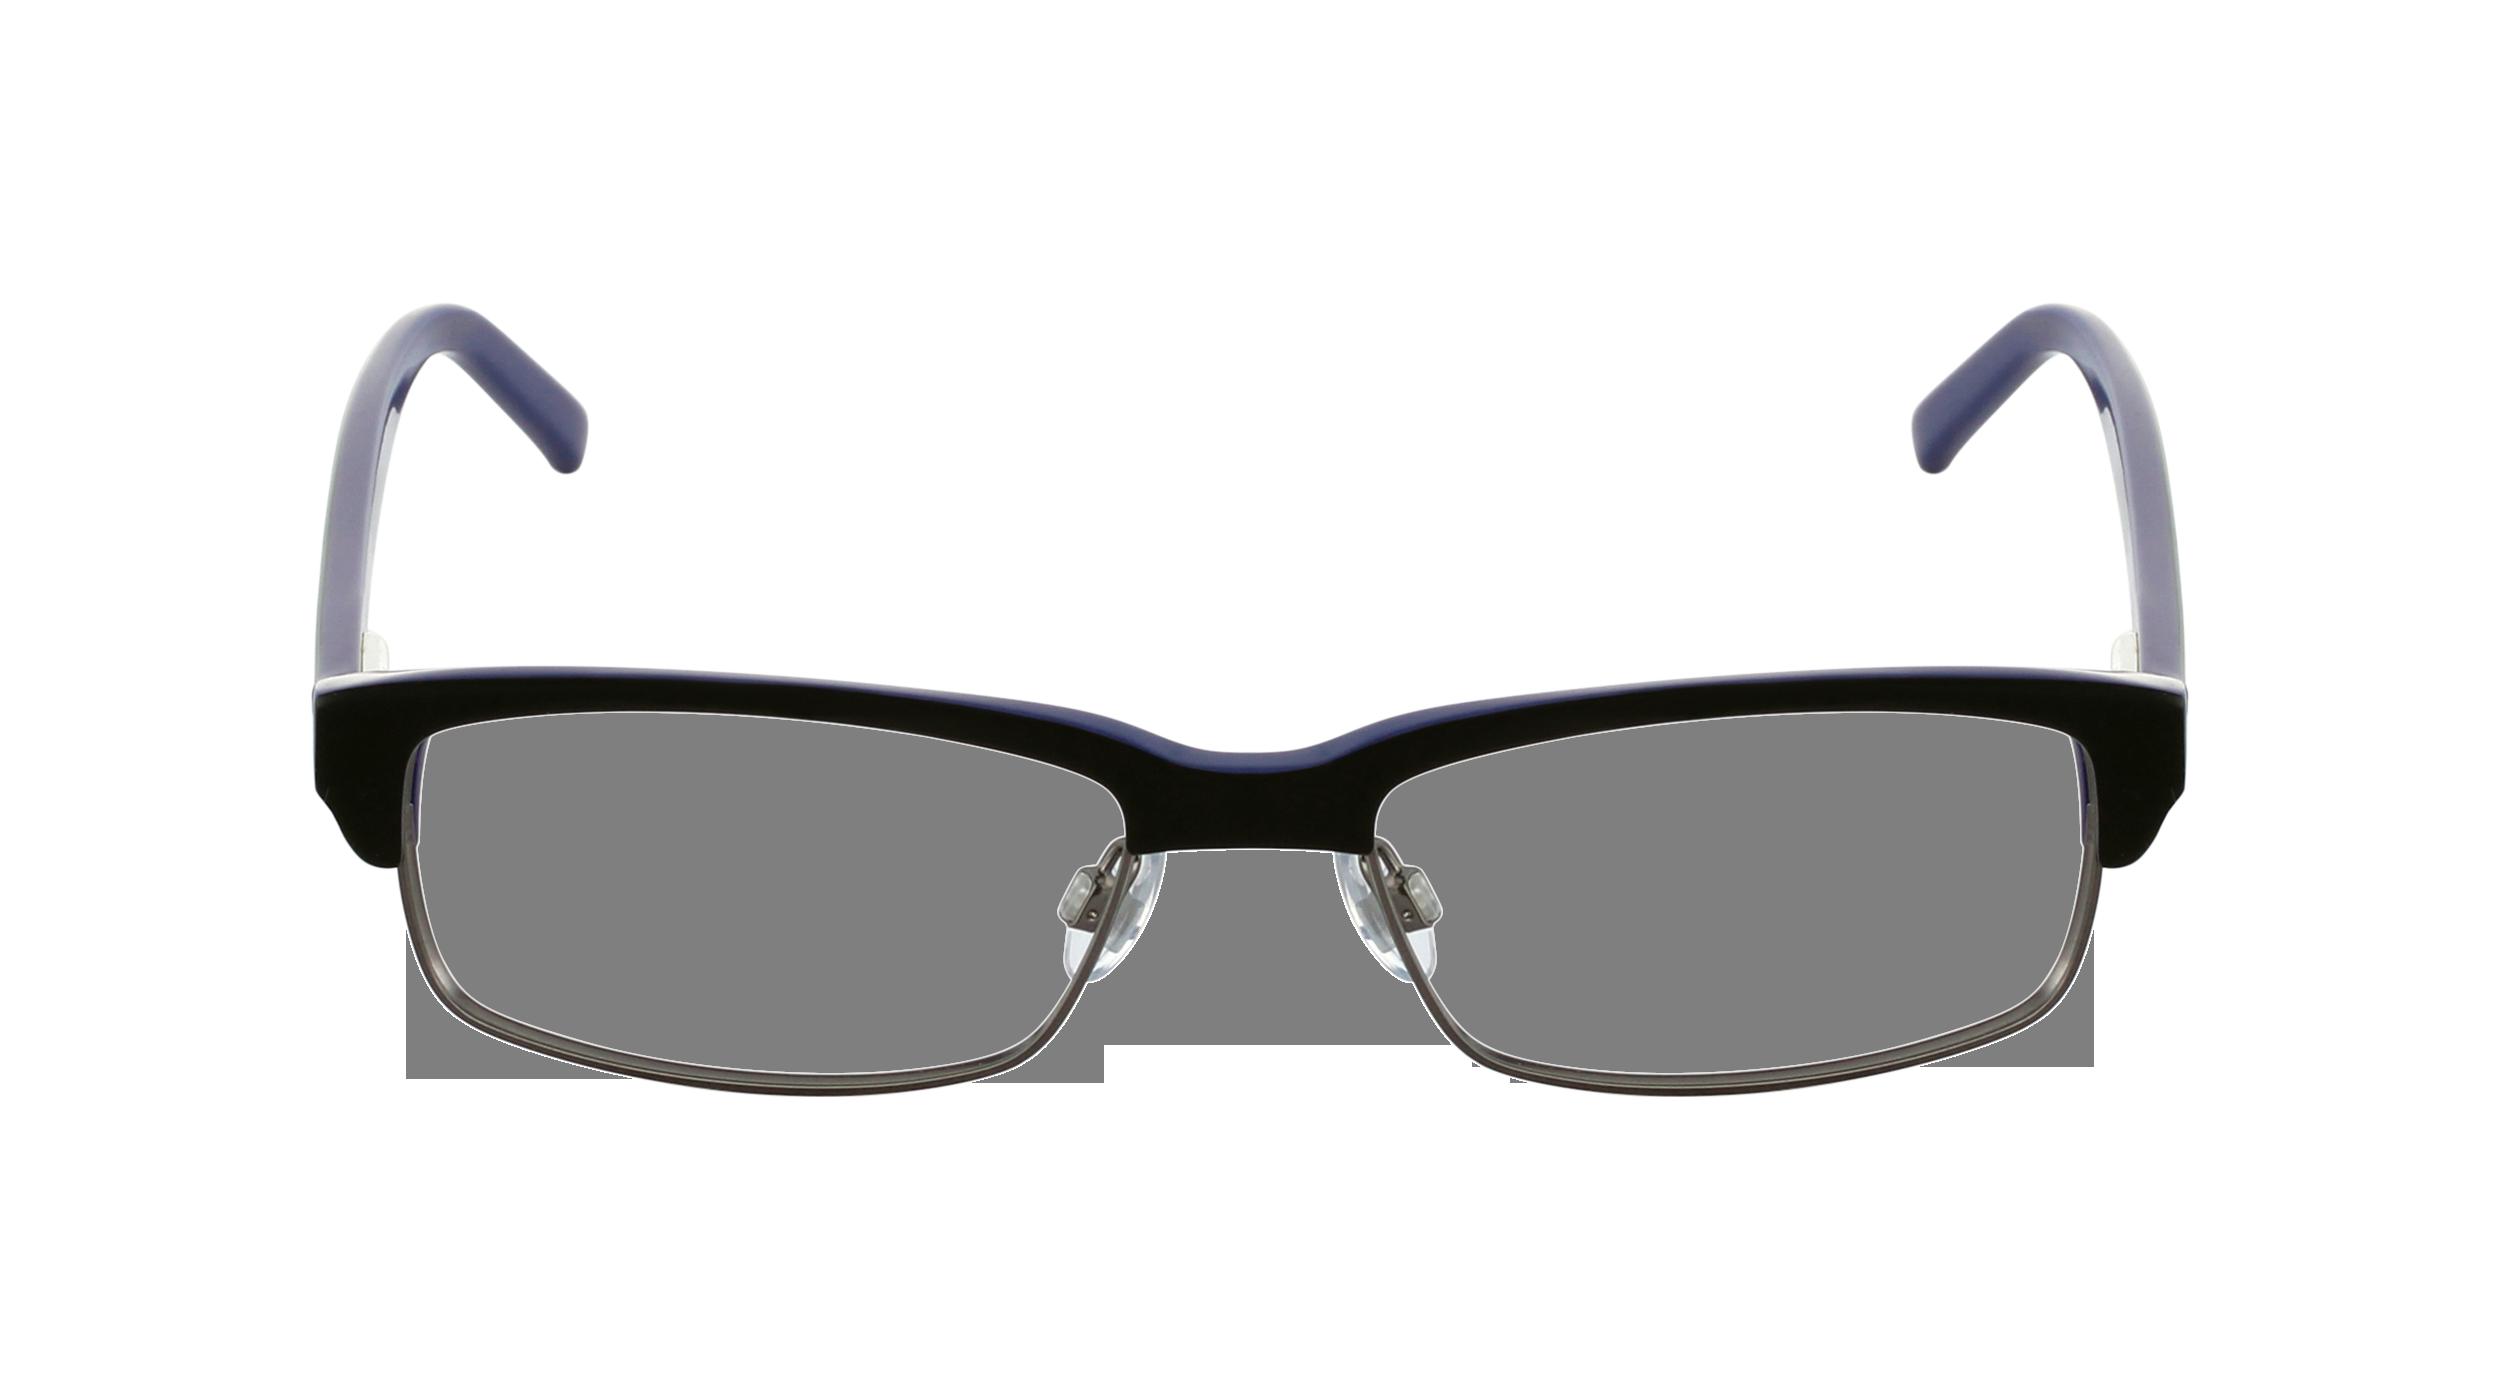 Eyeglasses Frames Jcpenney : IZOD 1304 Glasses - JCPenney Optical